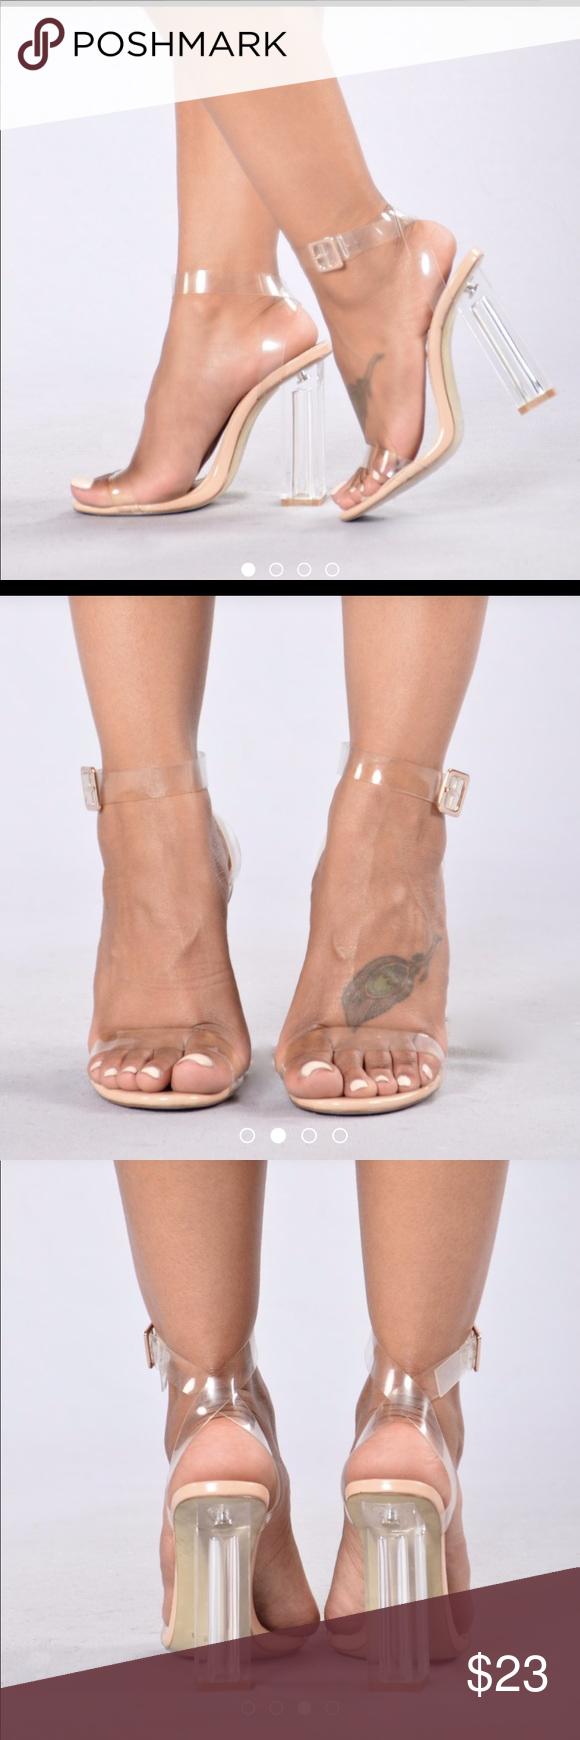 cbb681264e9 The Glass Slipper Heel by Fashion Nova Clear Straps Lucite Heel ...